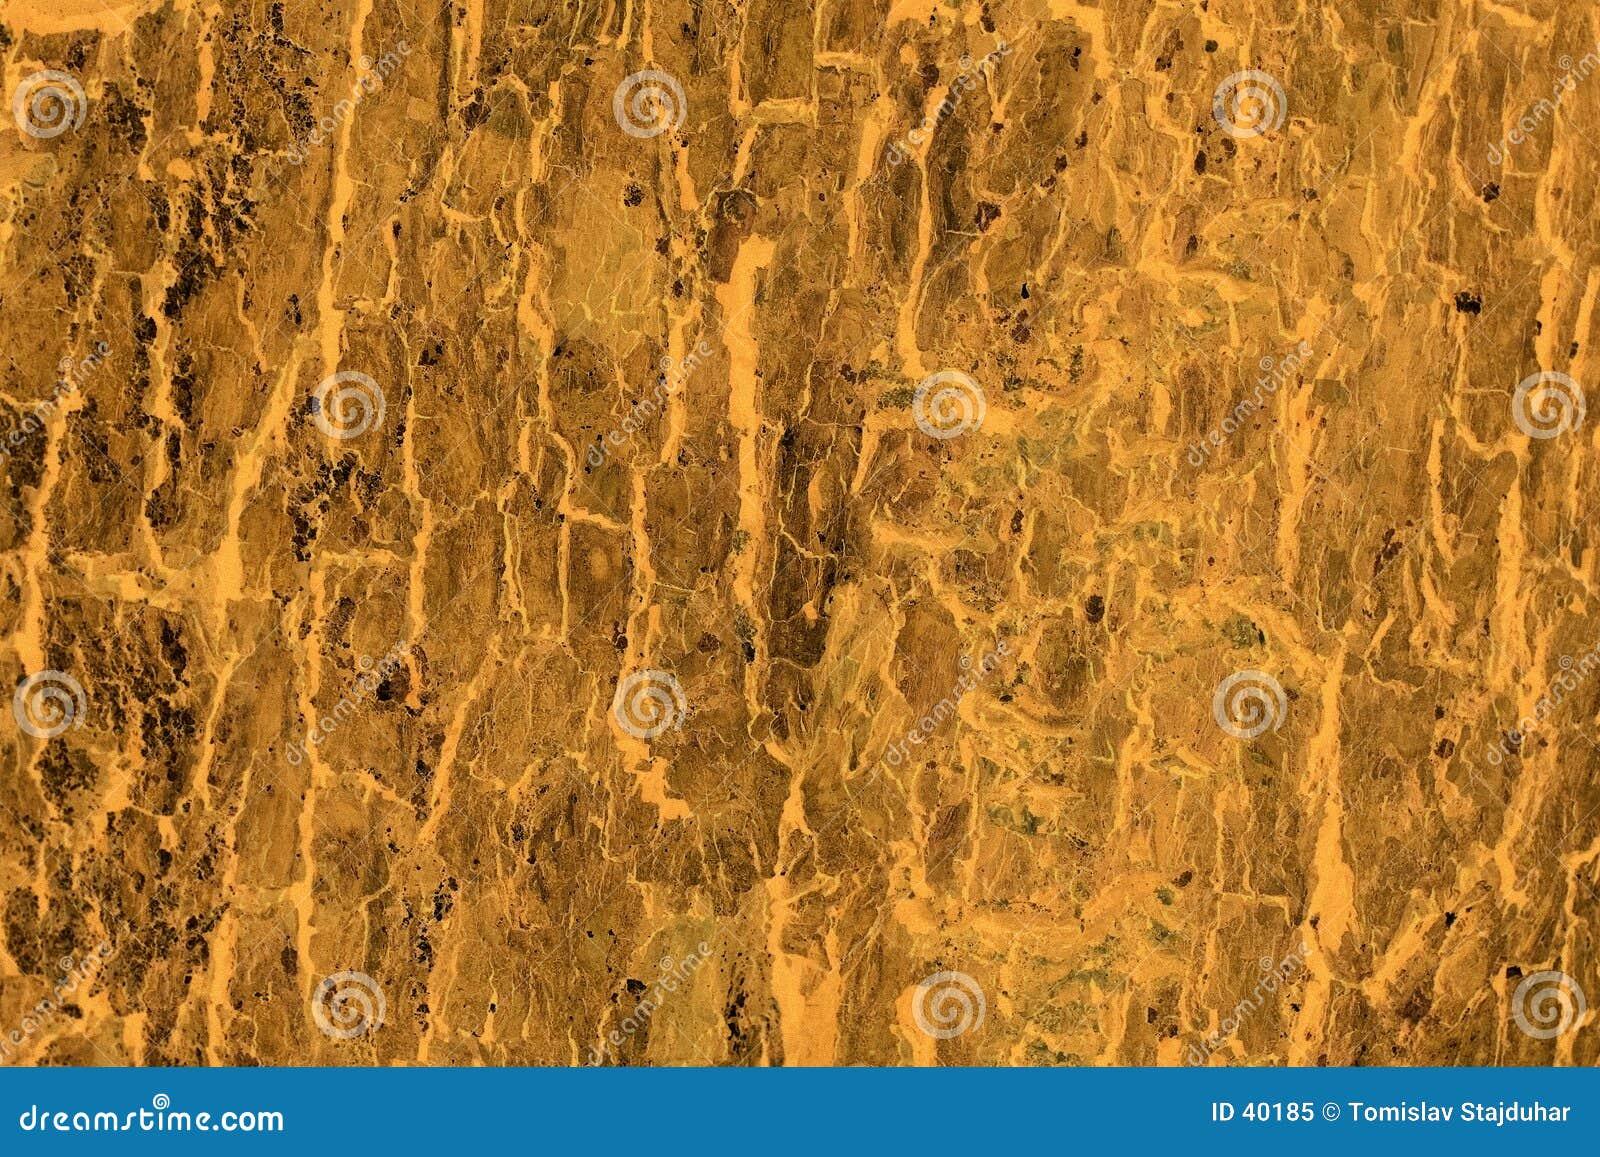 Textura de madera invertida